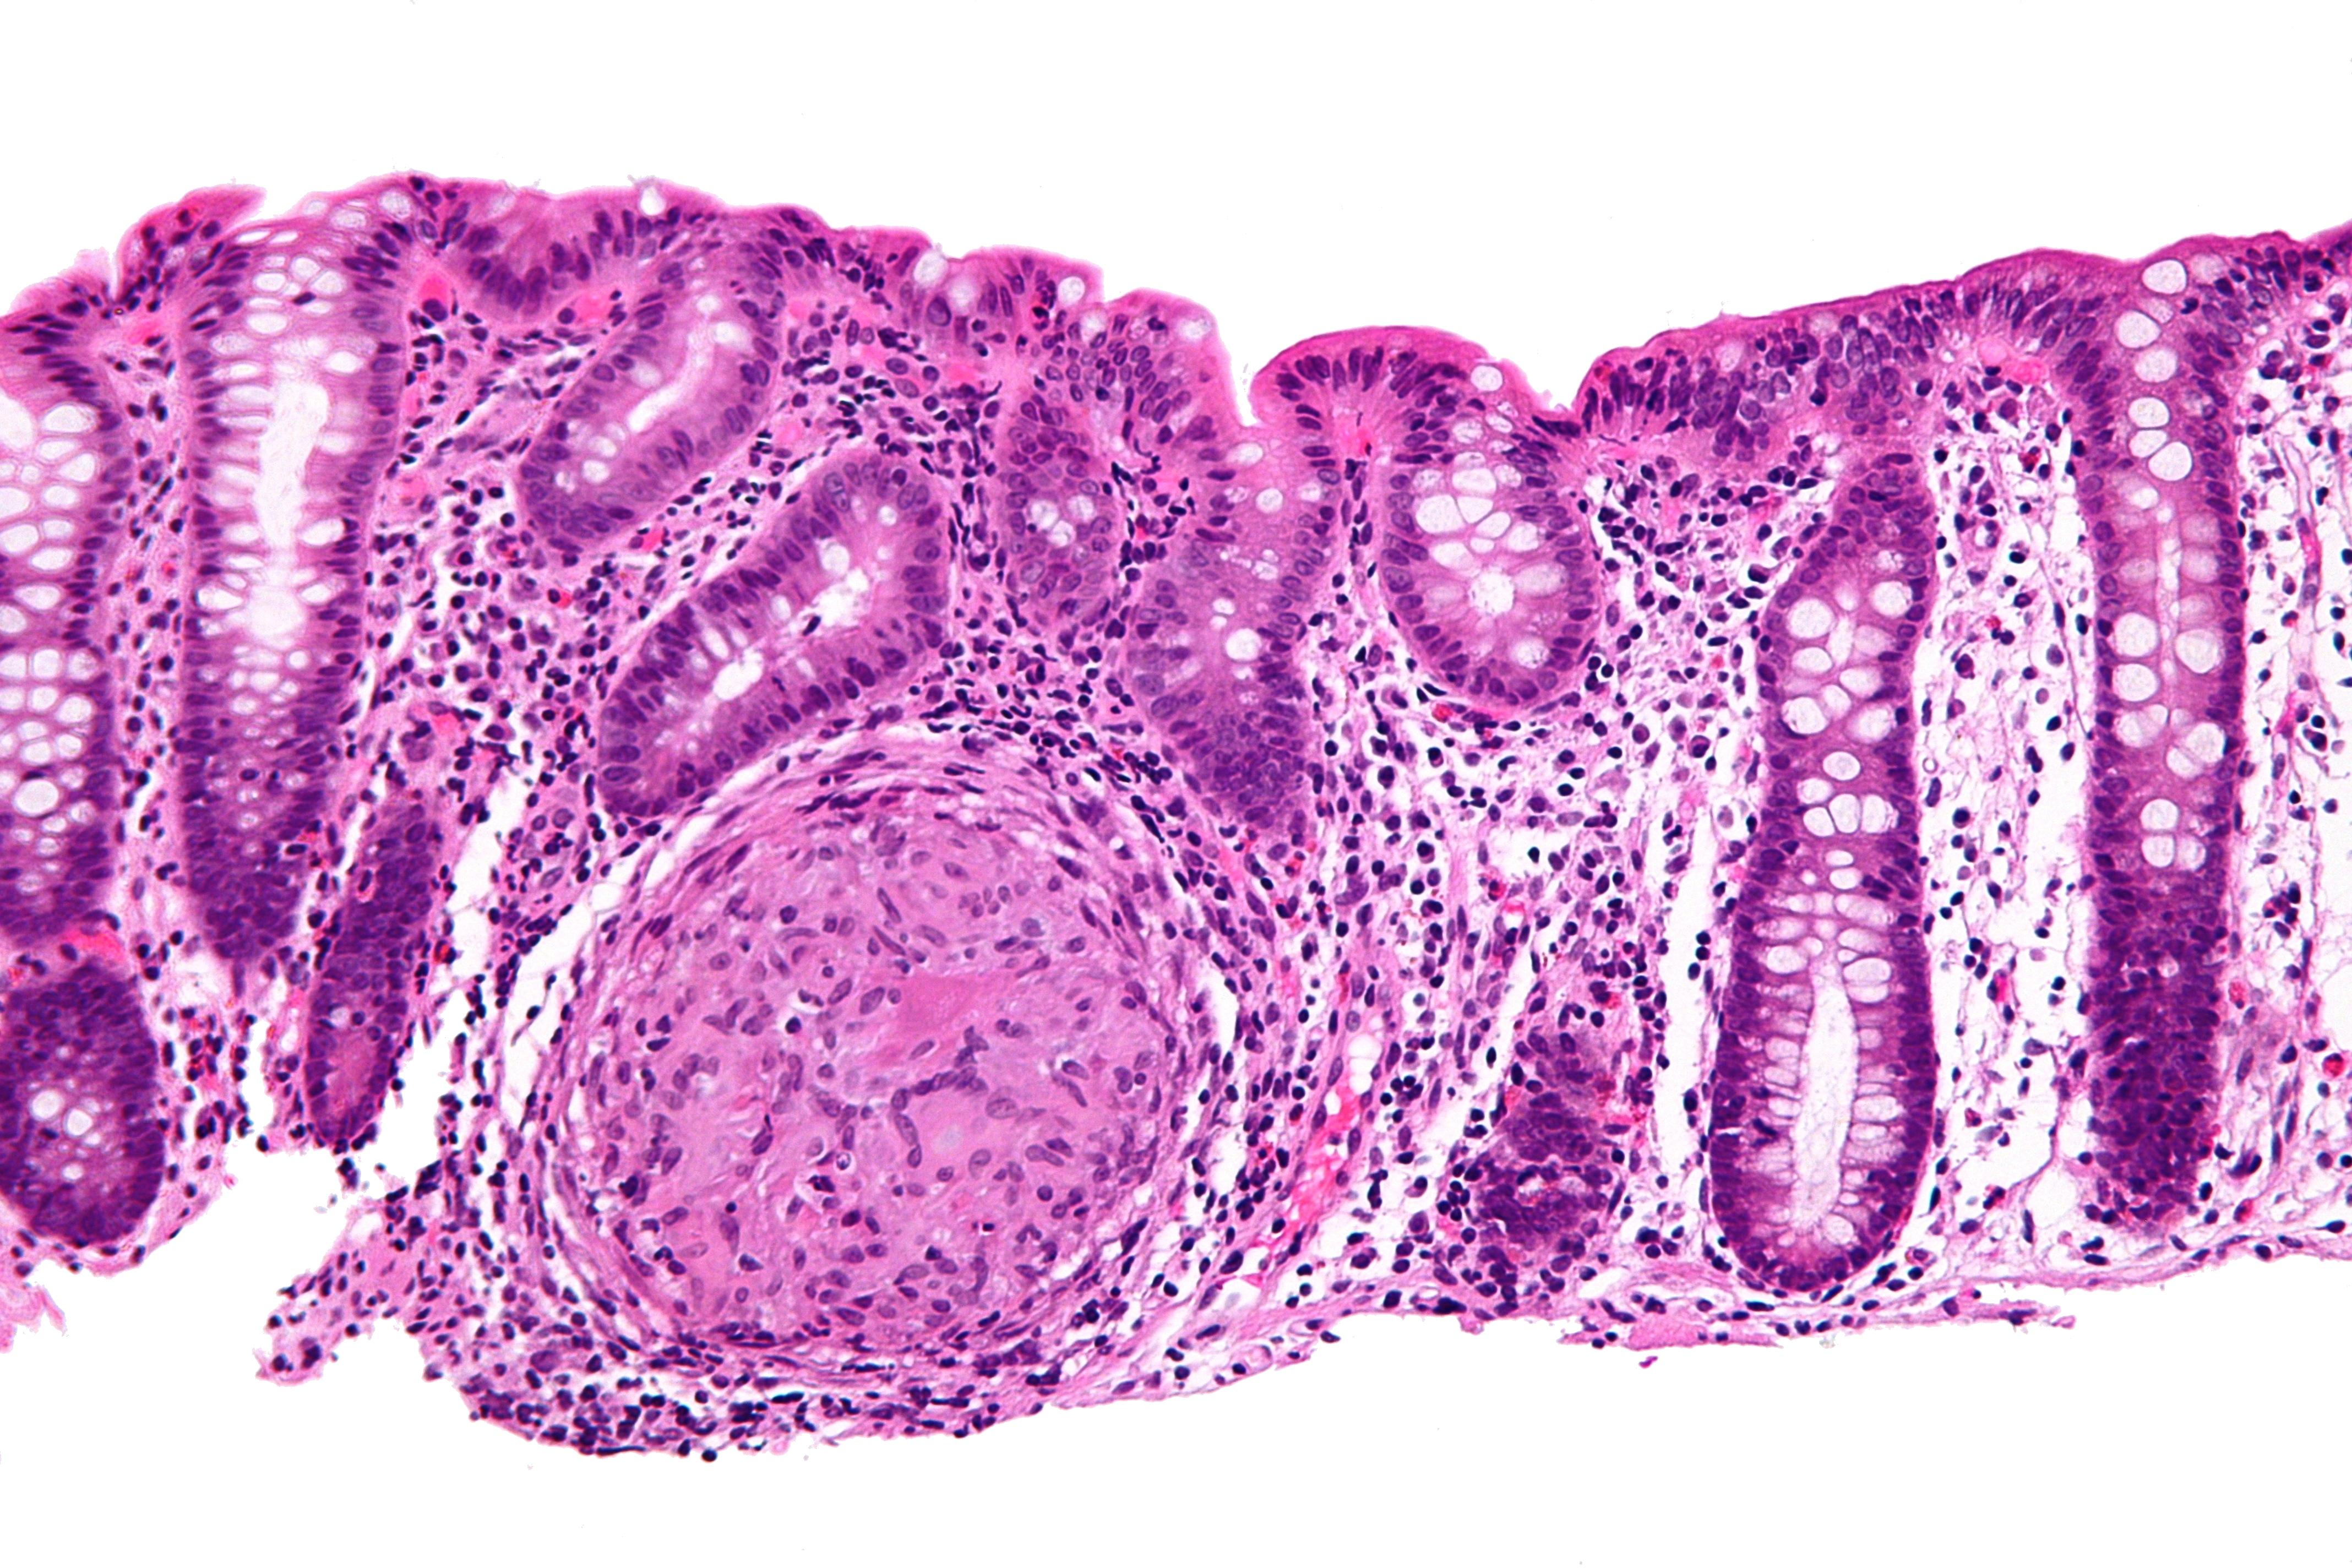 Colon Cancer Symptoms Age 30